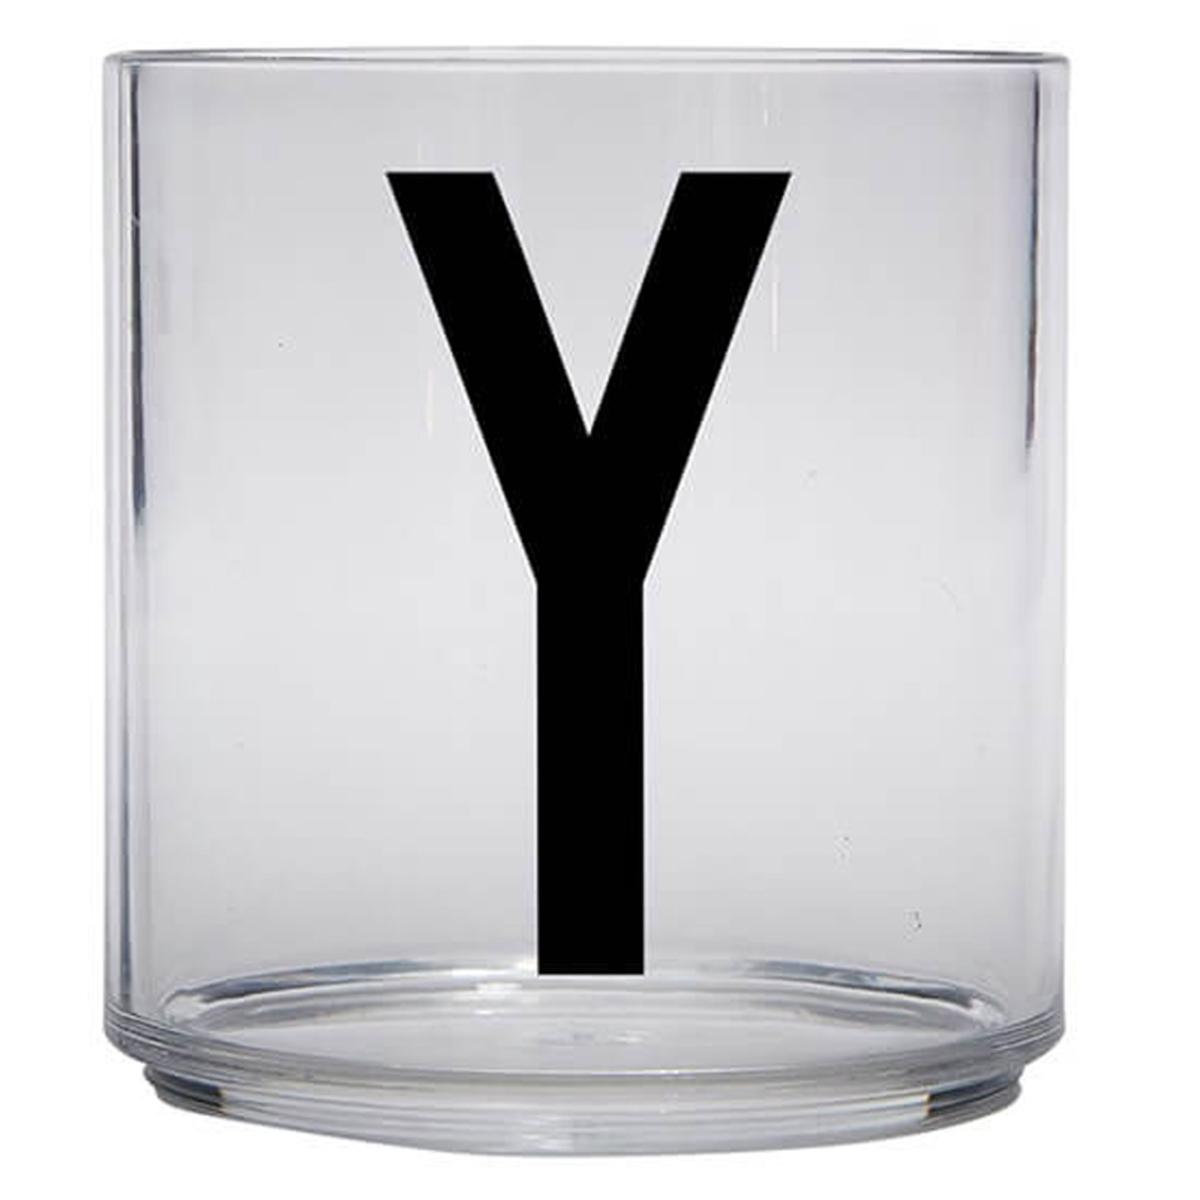 Tasse & Verre Verre Transparent Y - 220 ml Verre Transparent Y - 220 ml